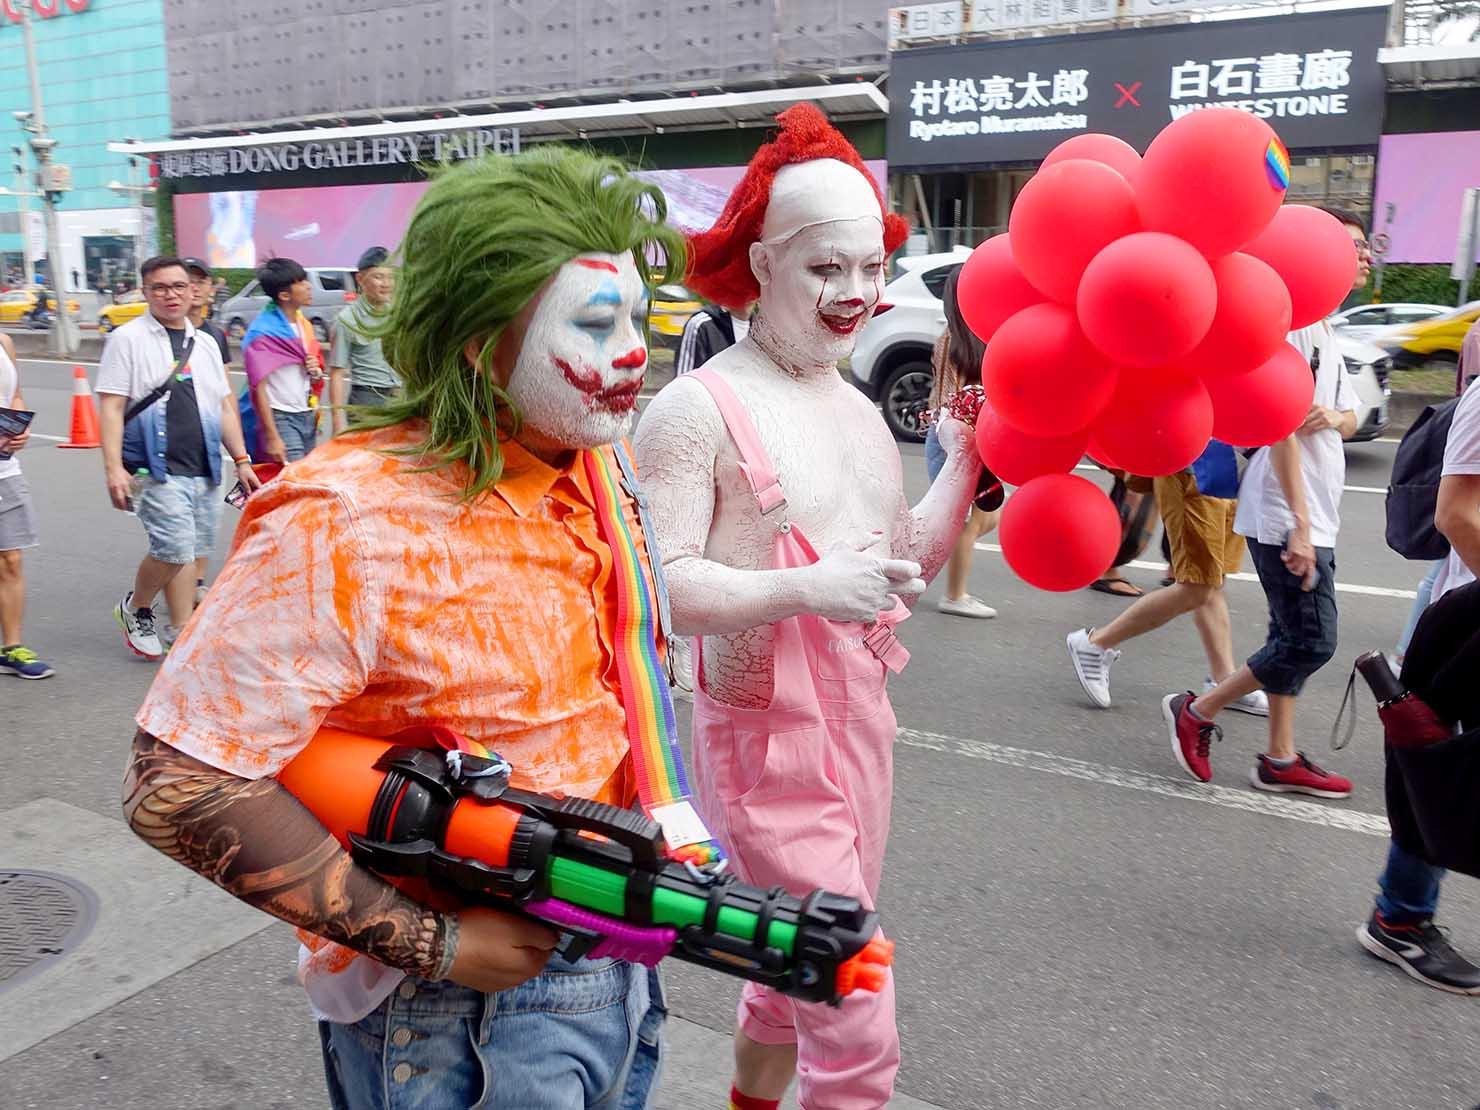 台灣同志遊行(台湾LGBTプライド)2019のパレードをピエロのコスプレで歩く参加者